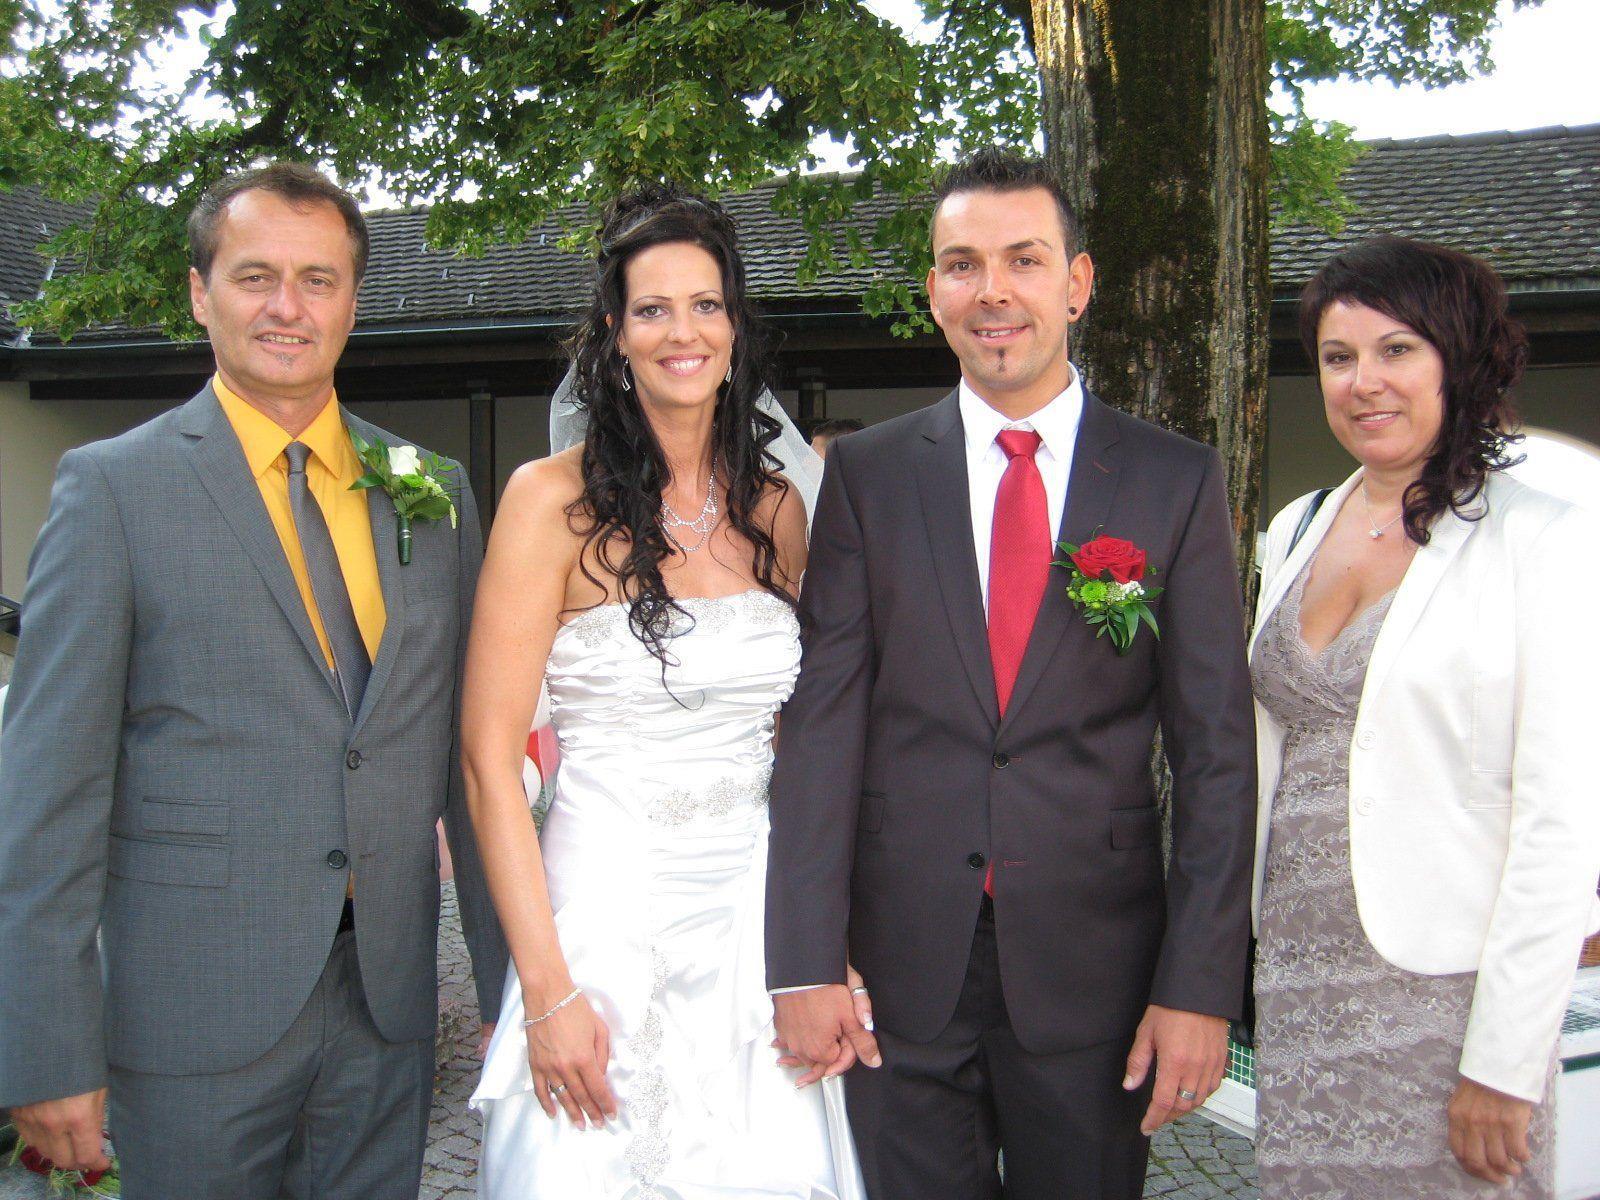 Bettina Plechata und Jürgen Brändle haben geheiratet.